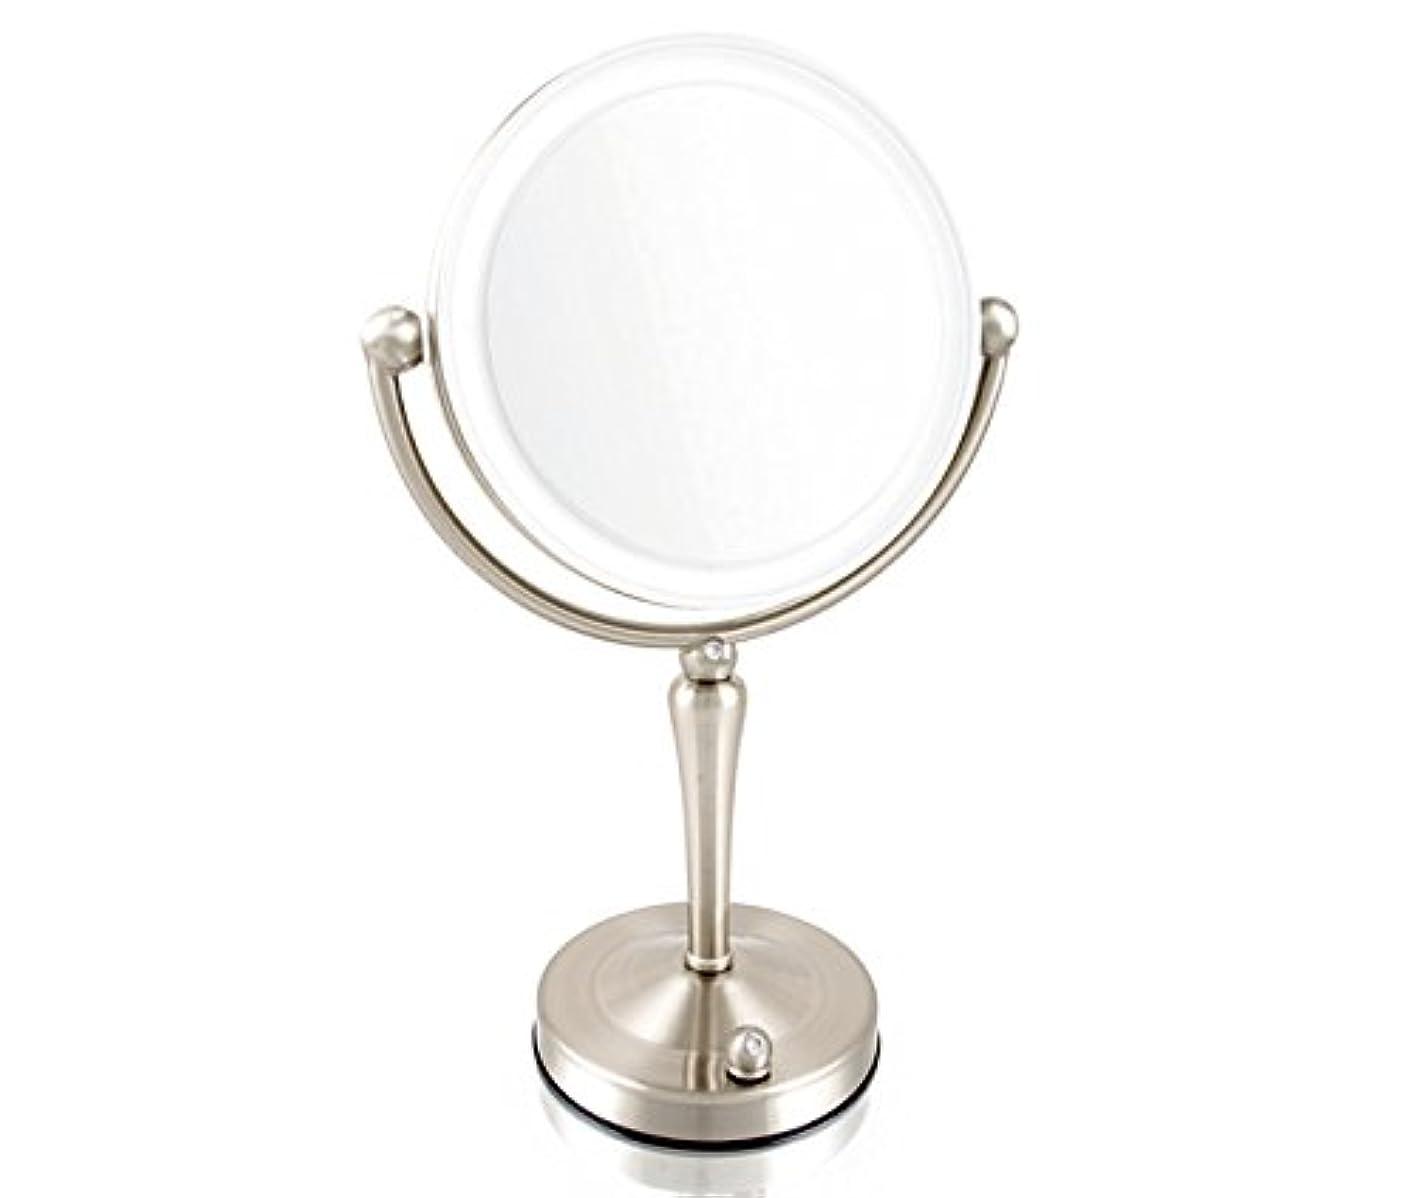 スズメバチかび臭い検出安もの拡大鏡とは見え方が全く違います!拡大鏡 5倍拡大+等倍鏡+LEDライト付き 真実の鏡DX 両面Z型 ブロンズ調 人気No.1両面型を真鍮仕上げとジルコニアで高級感UP。シミ?しわ?たるみ?毛穴が驚くほど良く見える拡大鏡...